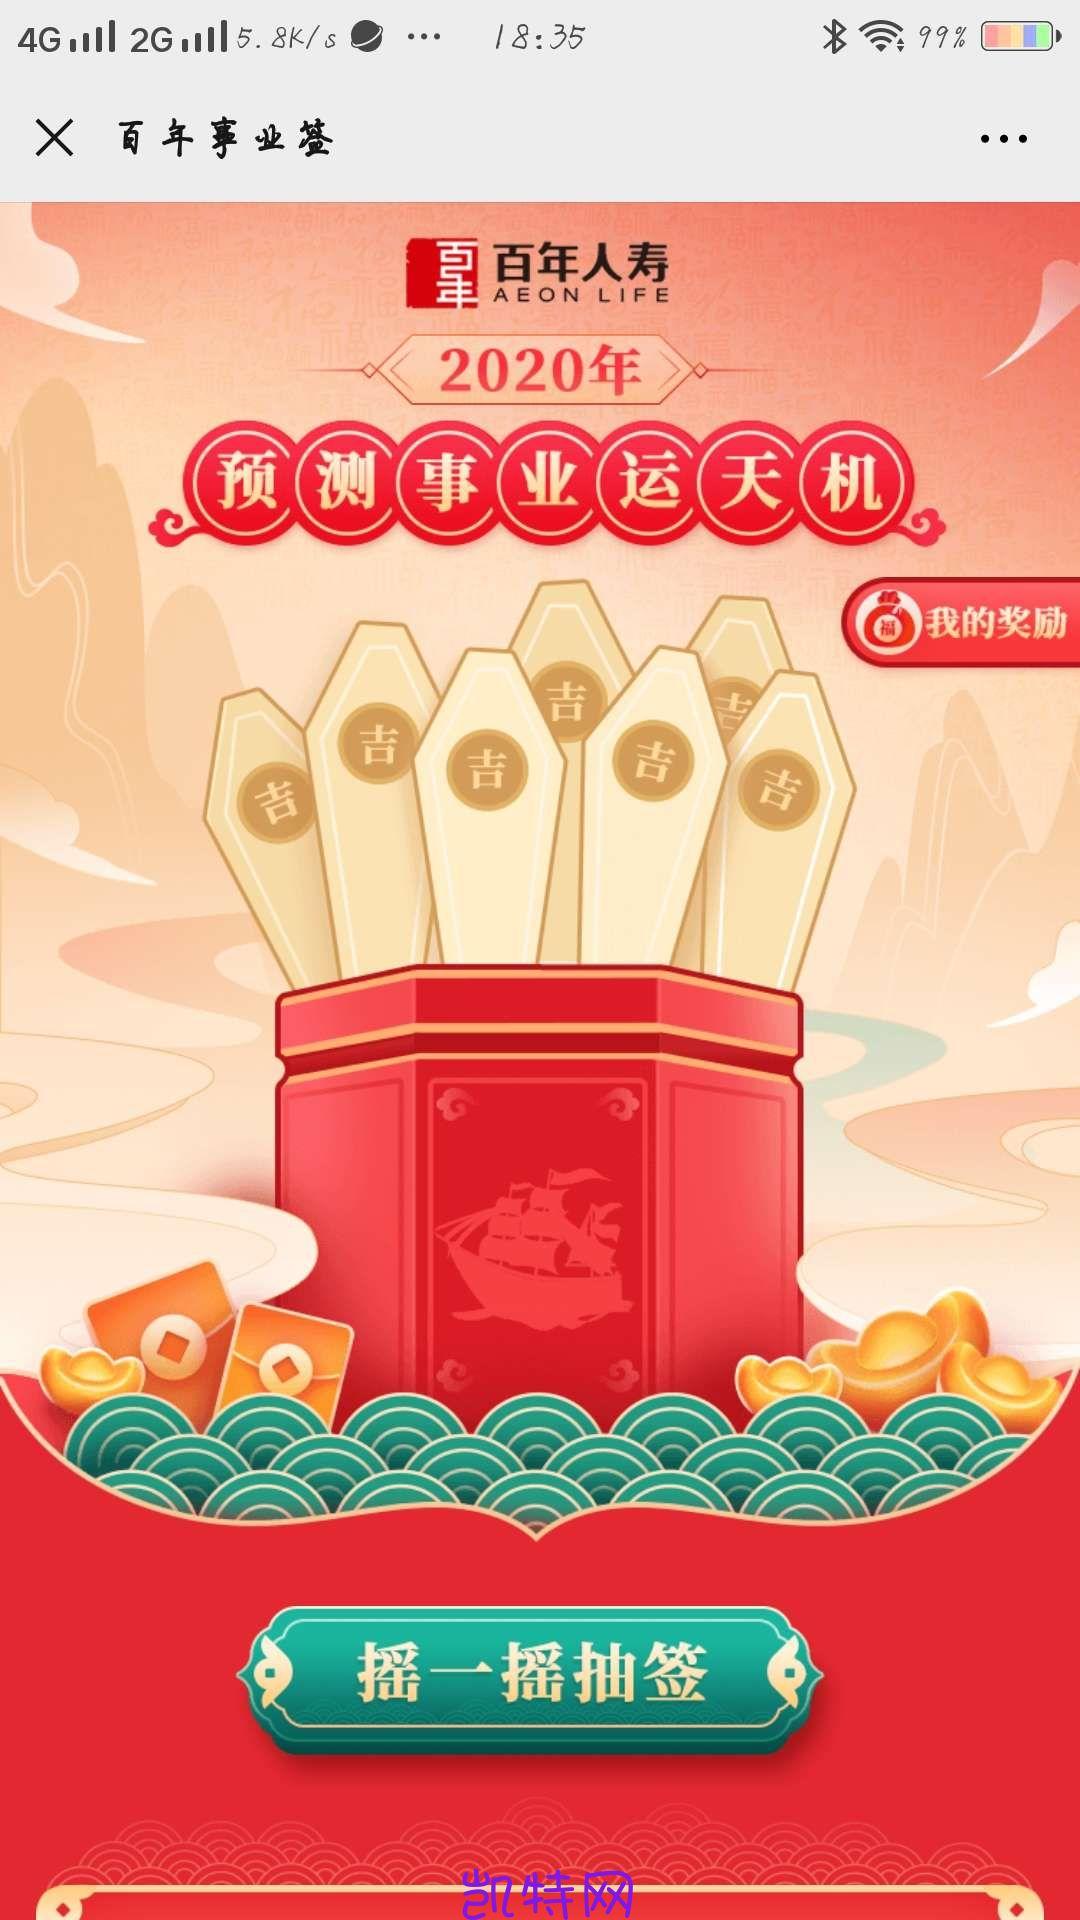 【现金红包】百年人寿预测事业抽红包